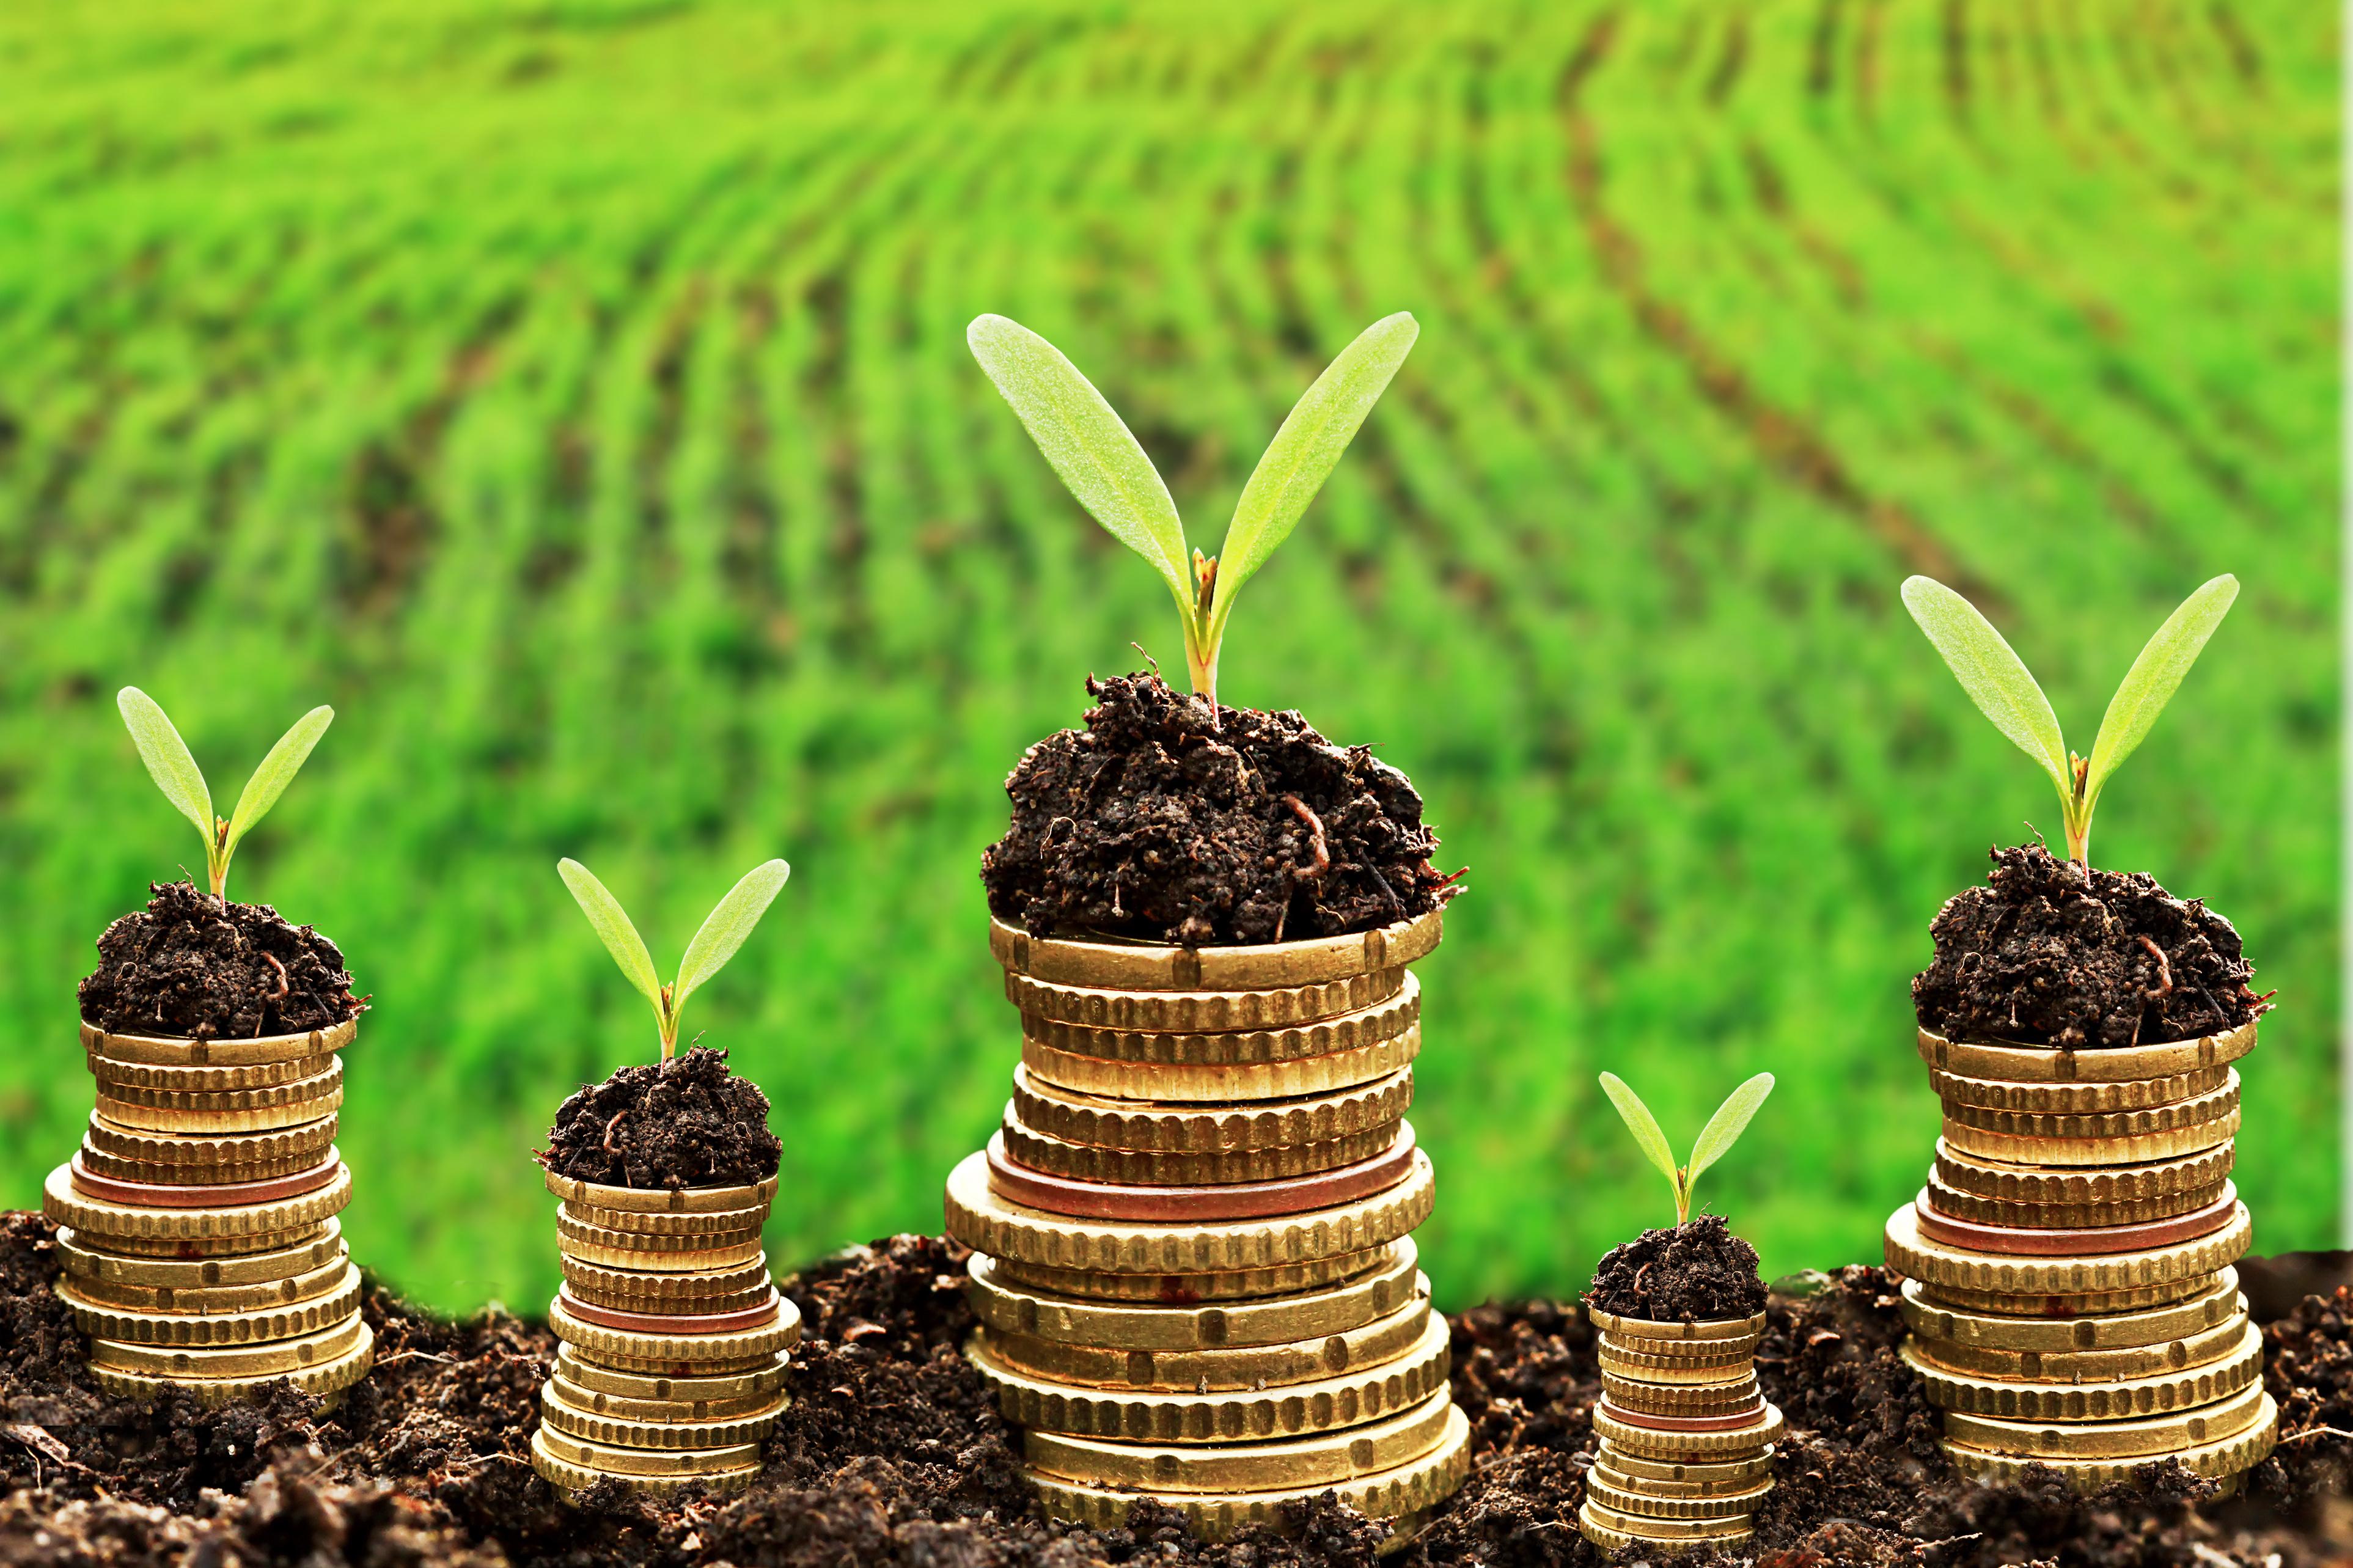 Как правильно вносить арендную плату за земельные участки?